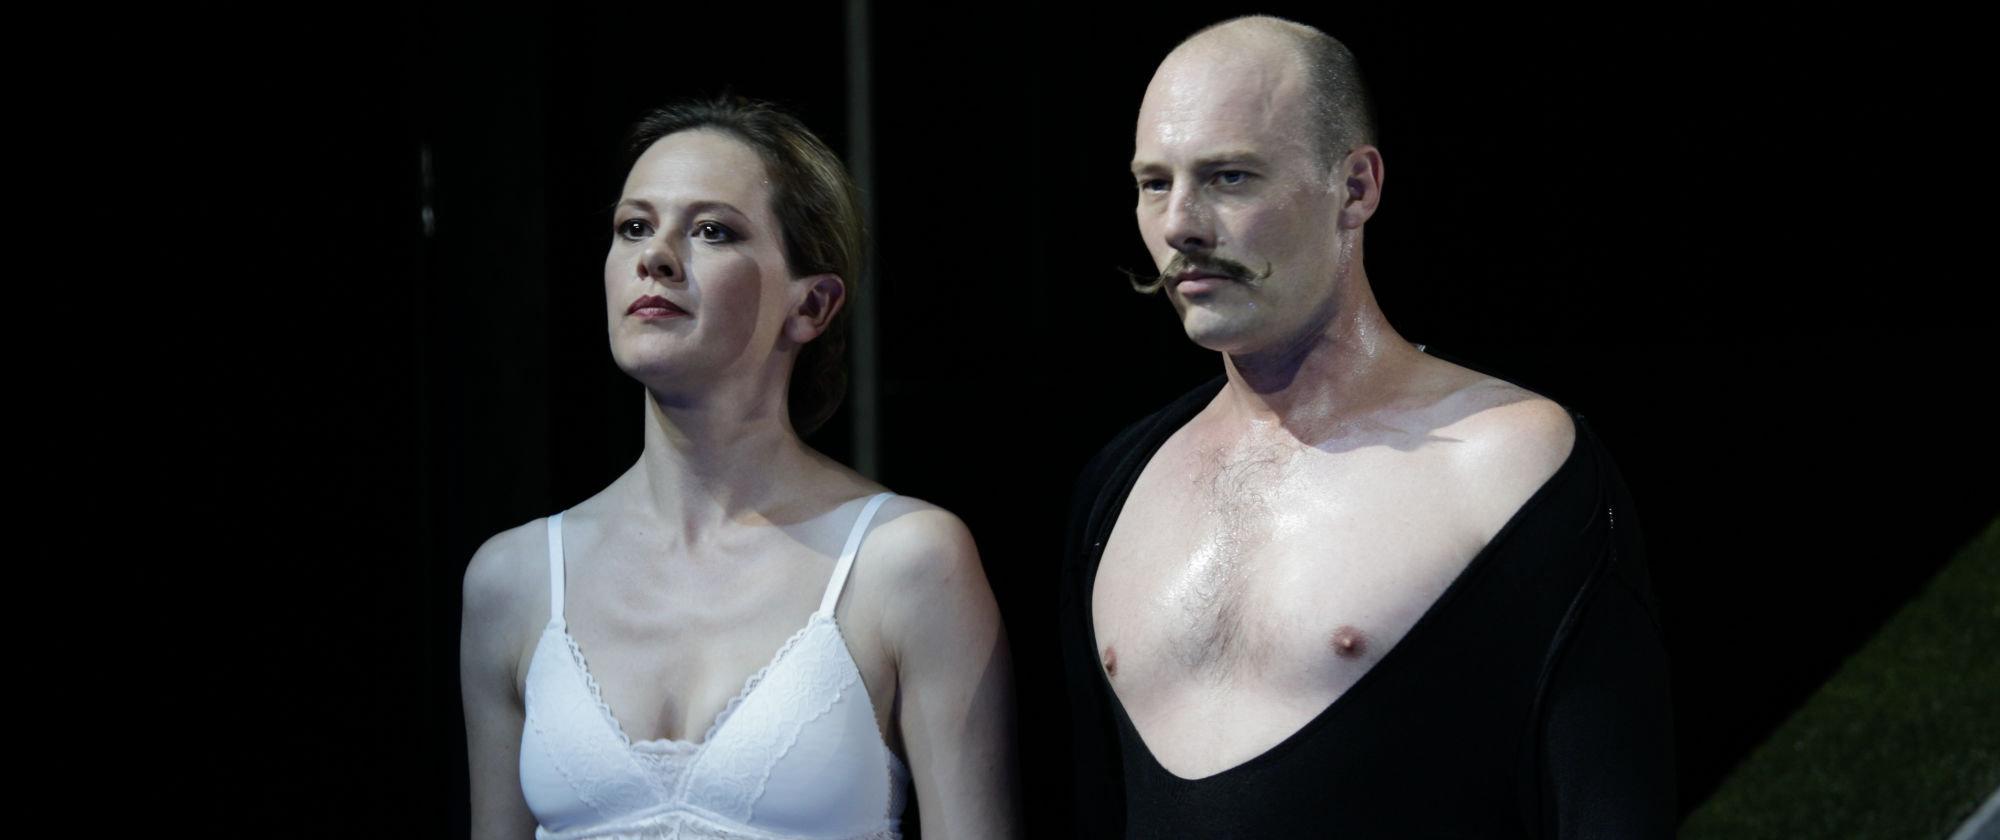 013-VIEL_LAERM_UM_NICHTS_Shakespeare_Regie_Malte_Kreutzfeldt_Staatstheater_Augsburg_2018